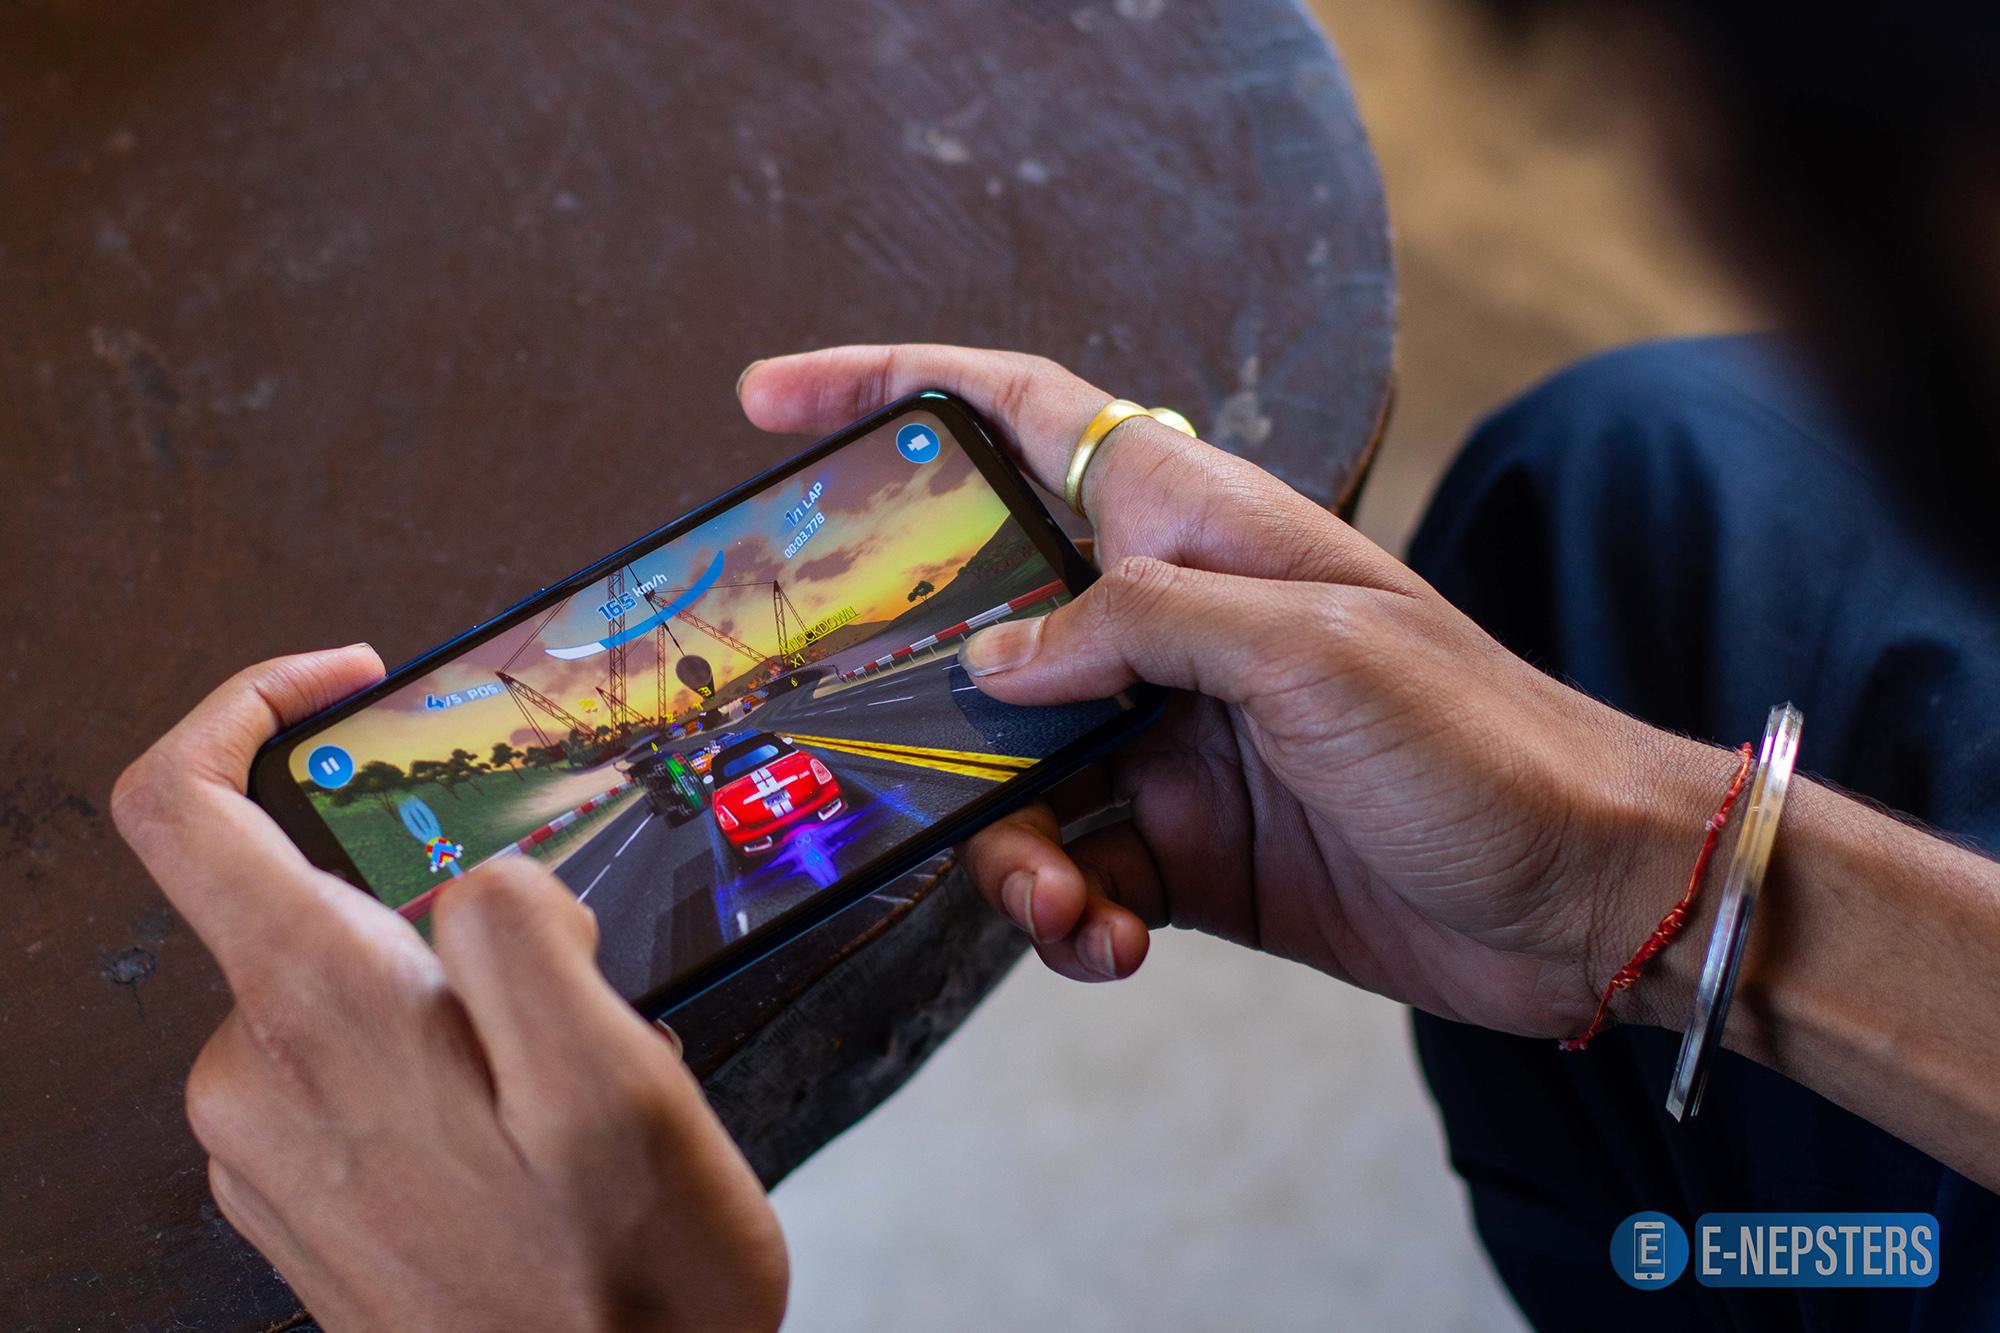 Huawei Nova 3i - Best Gaming Phone